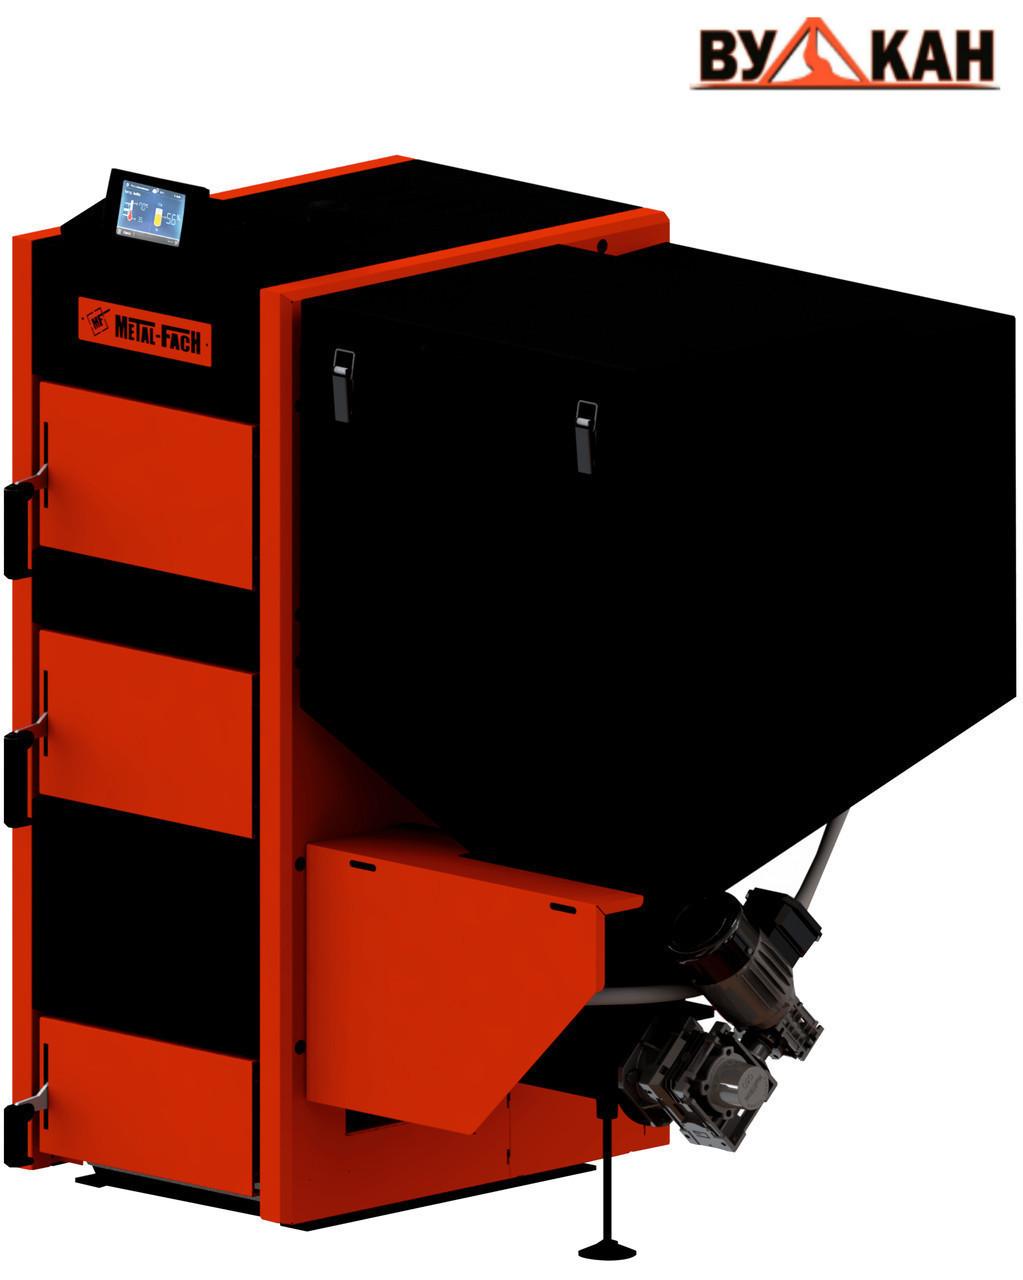 Автоматический котел Metal-Fach SEG 100 кВт с правой подачей